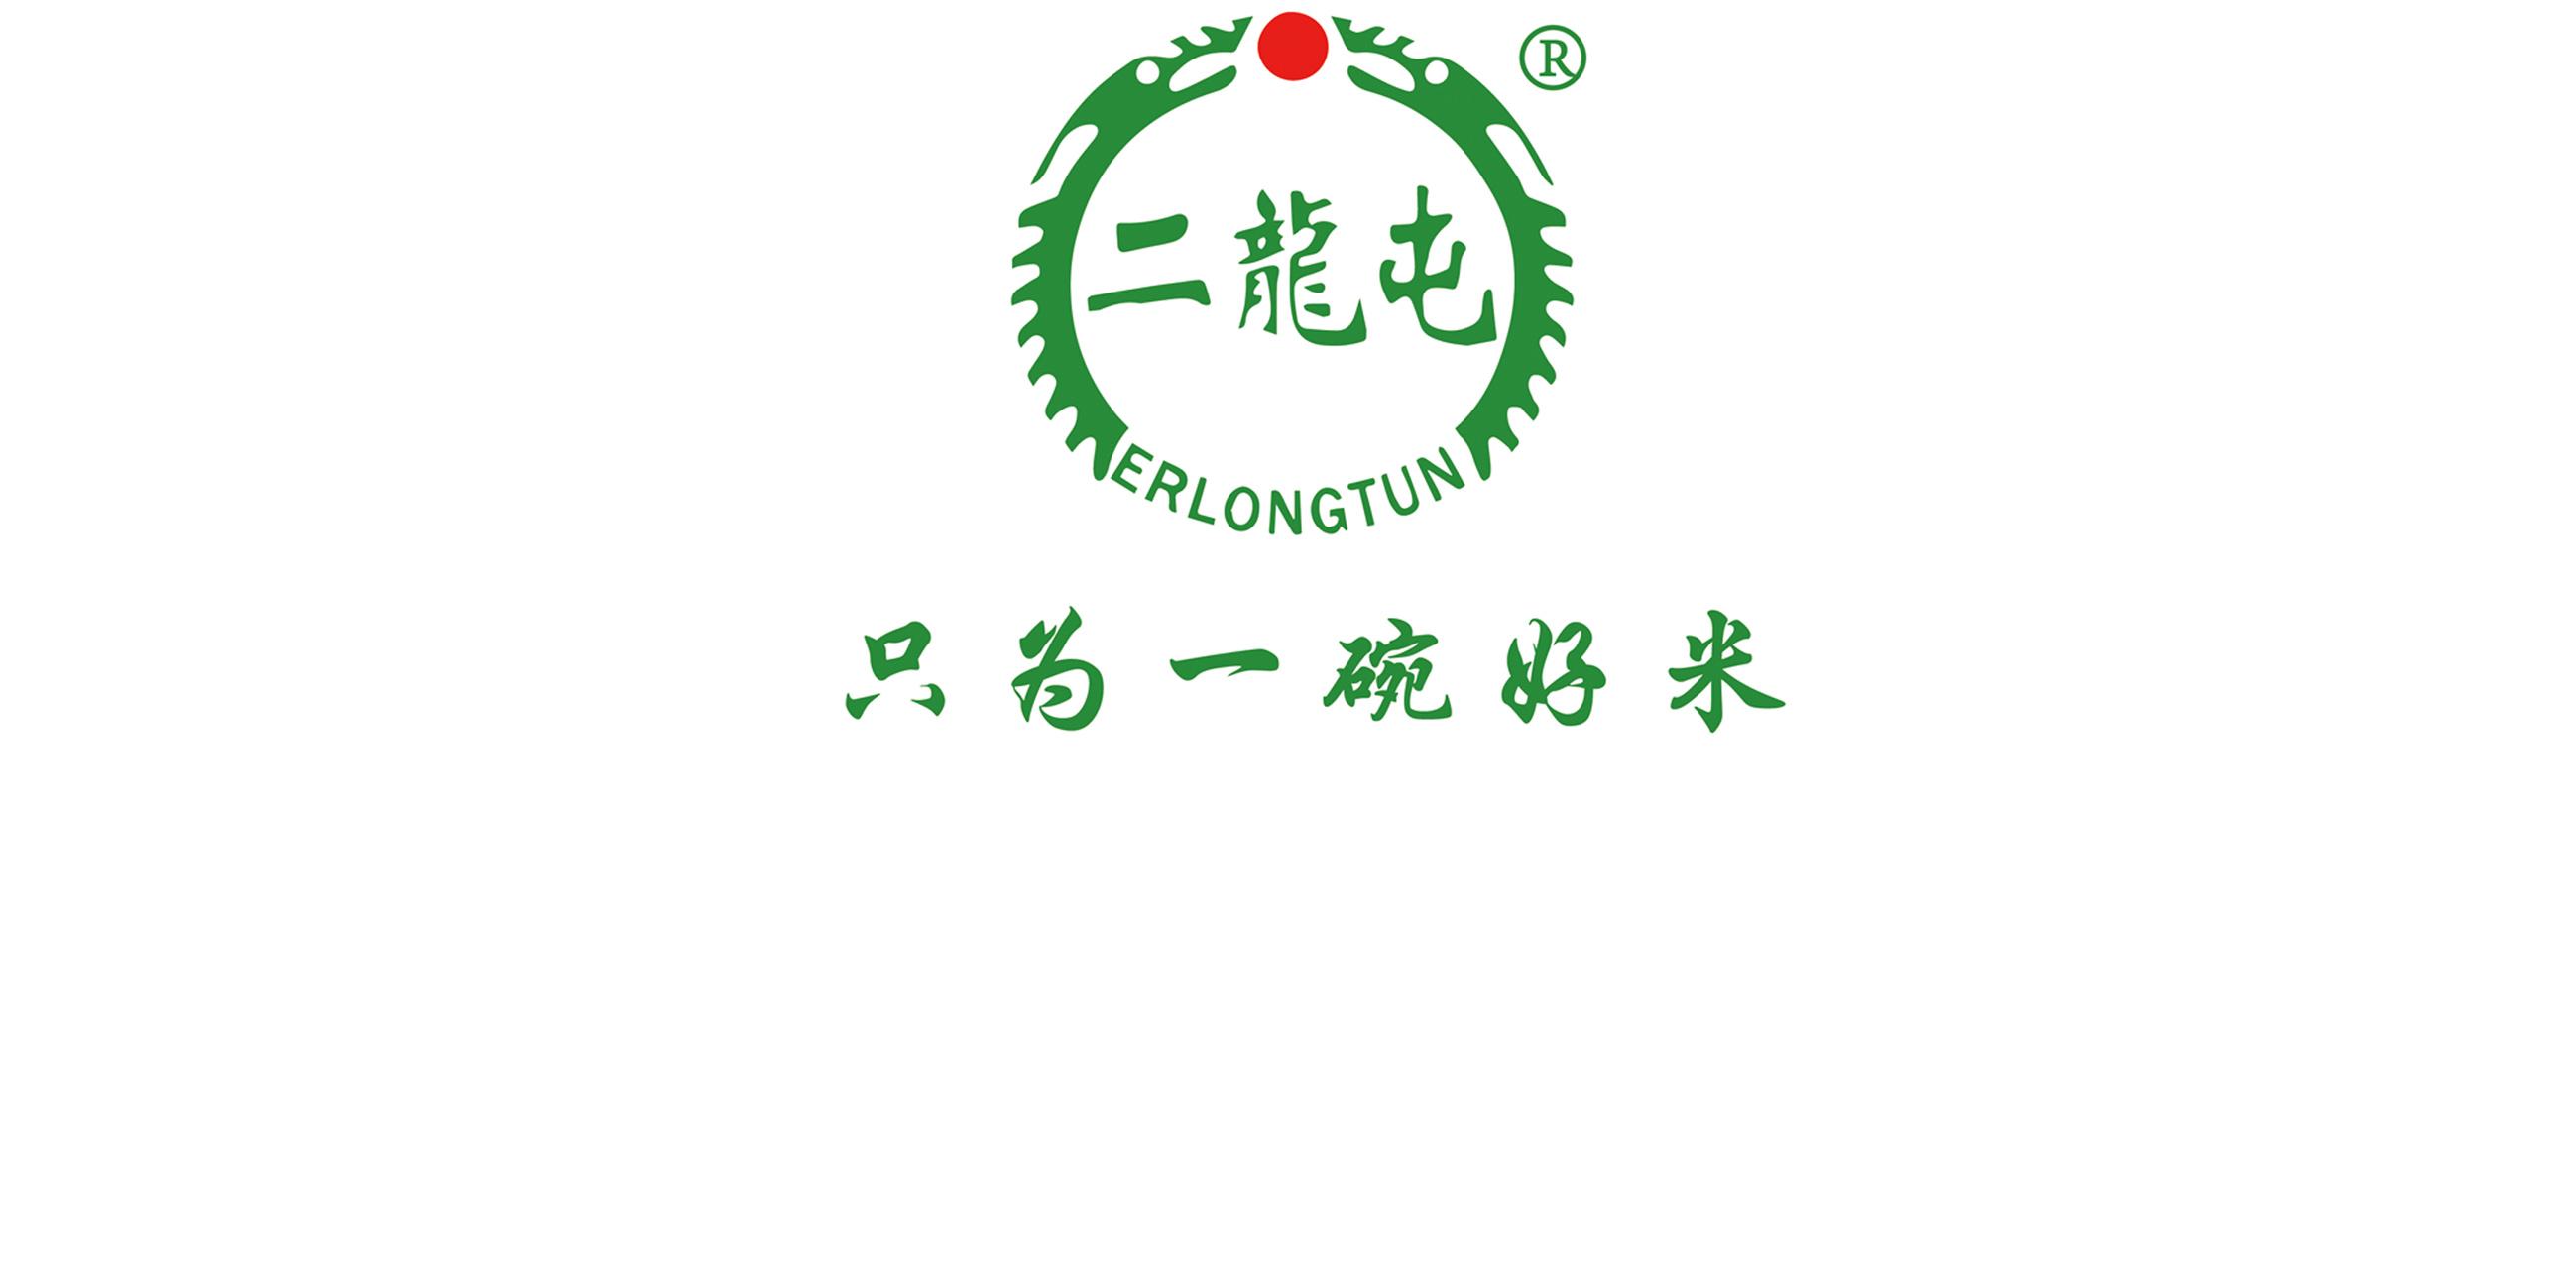 内蒙古锦源二龙屯电子商务有限责任公司